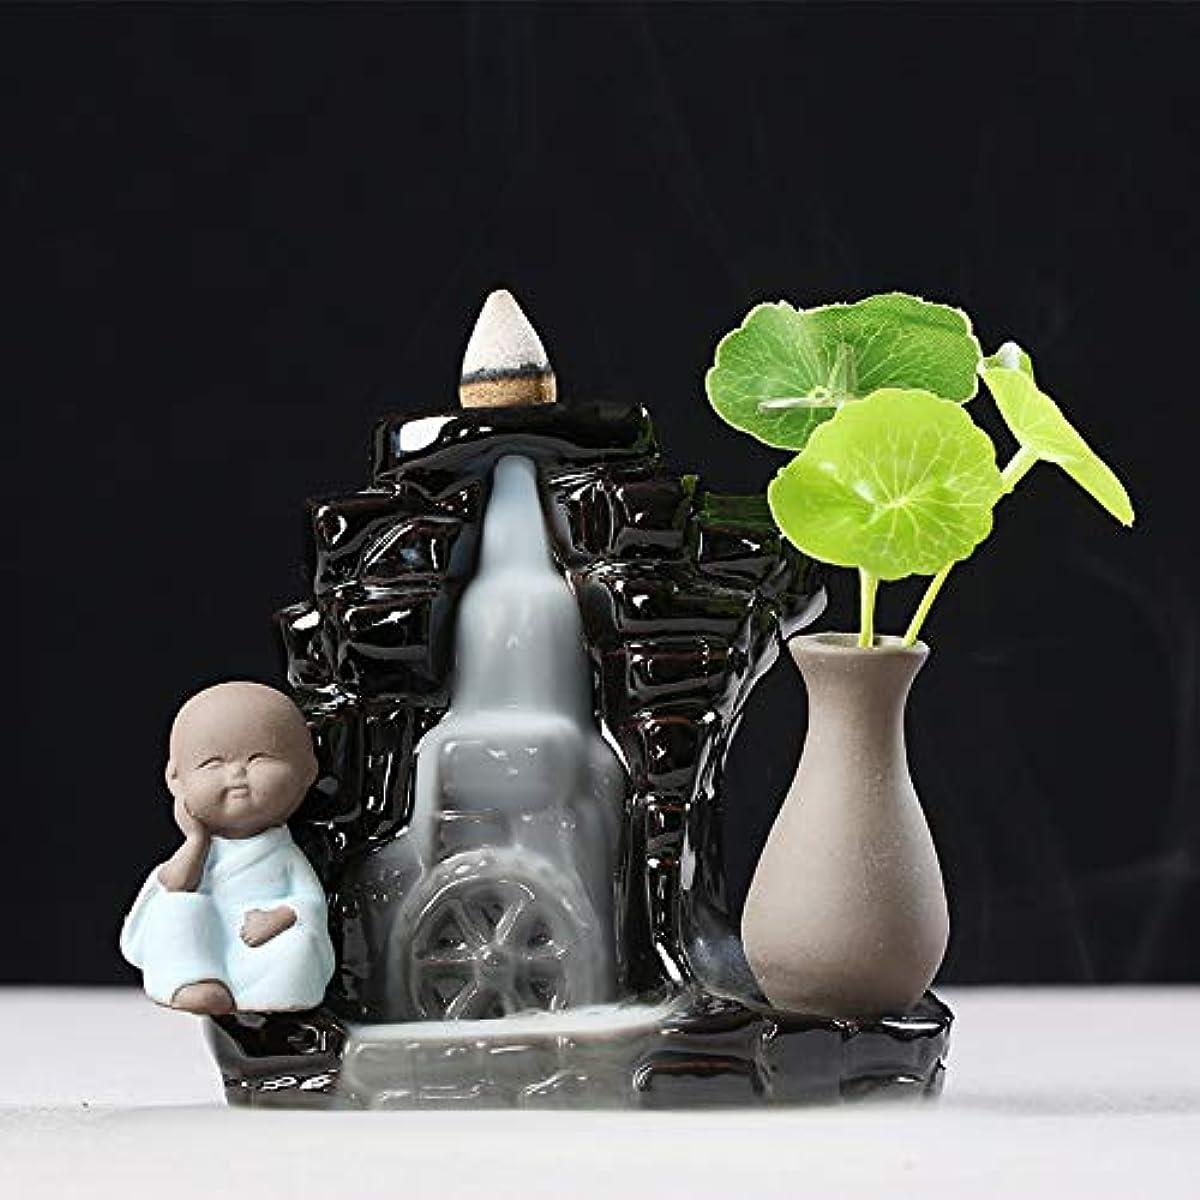 マイルド清めるお世話になったオフィスの家の装飾10.5 * 12cmのためのバーナーの陶磁器の手流のアロマセラピーバーナー